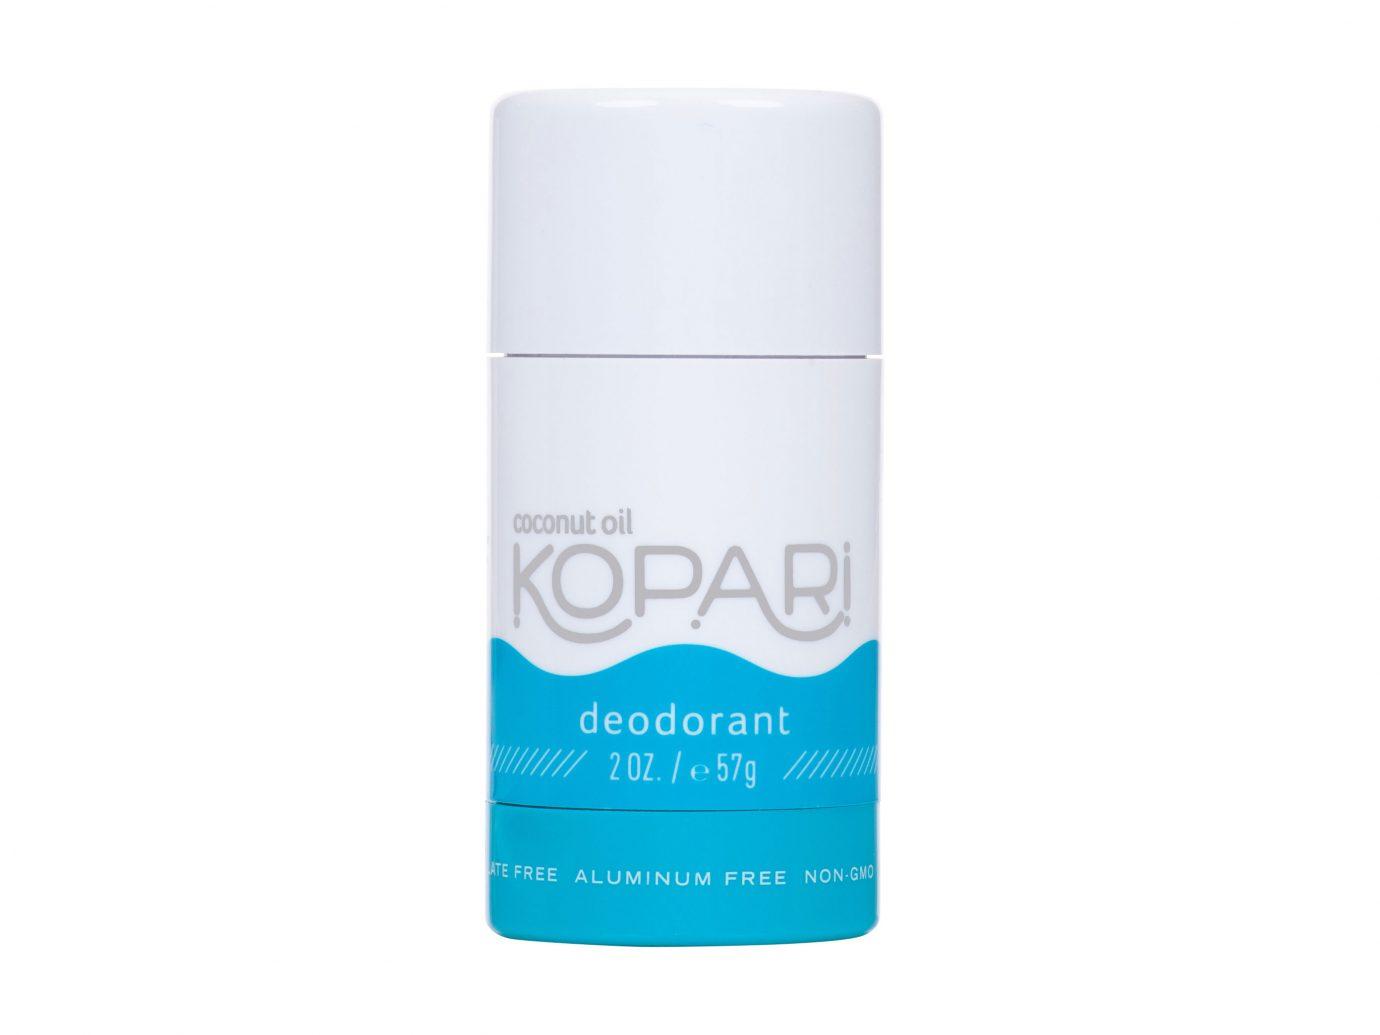 Kopari Coconut Deodorant